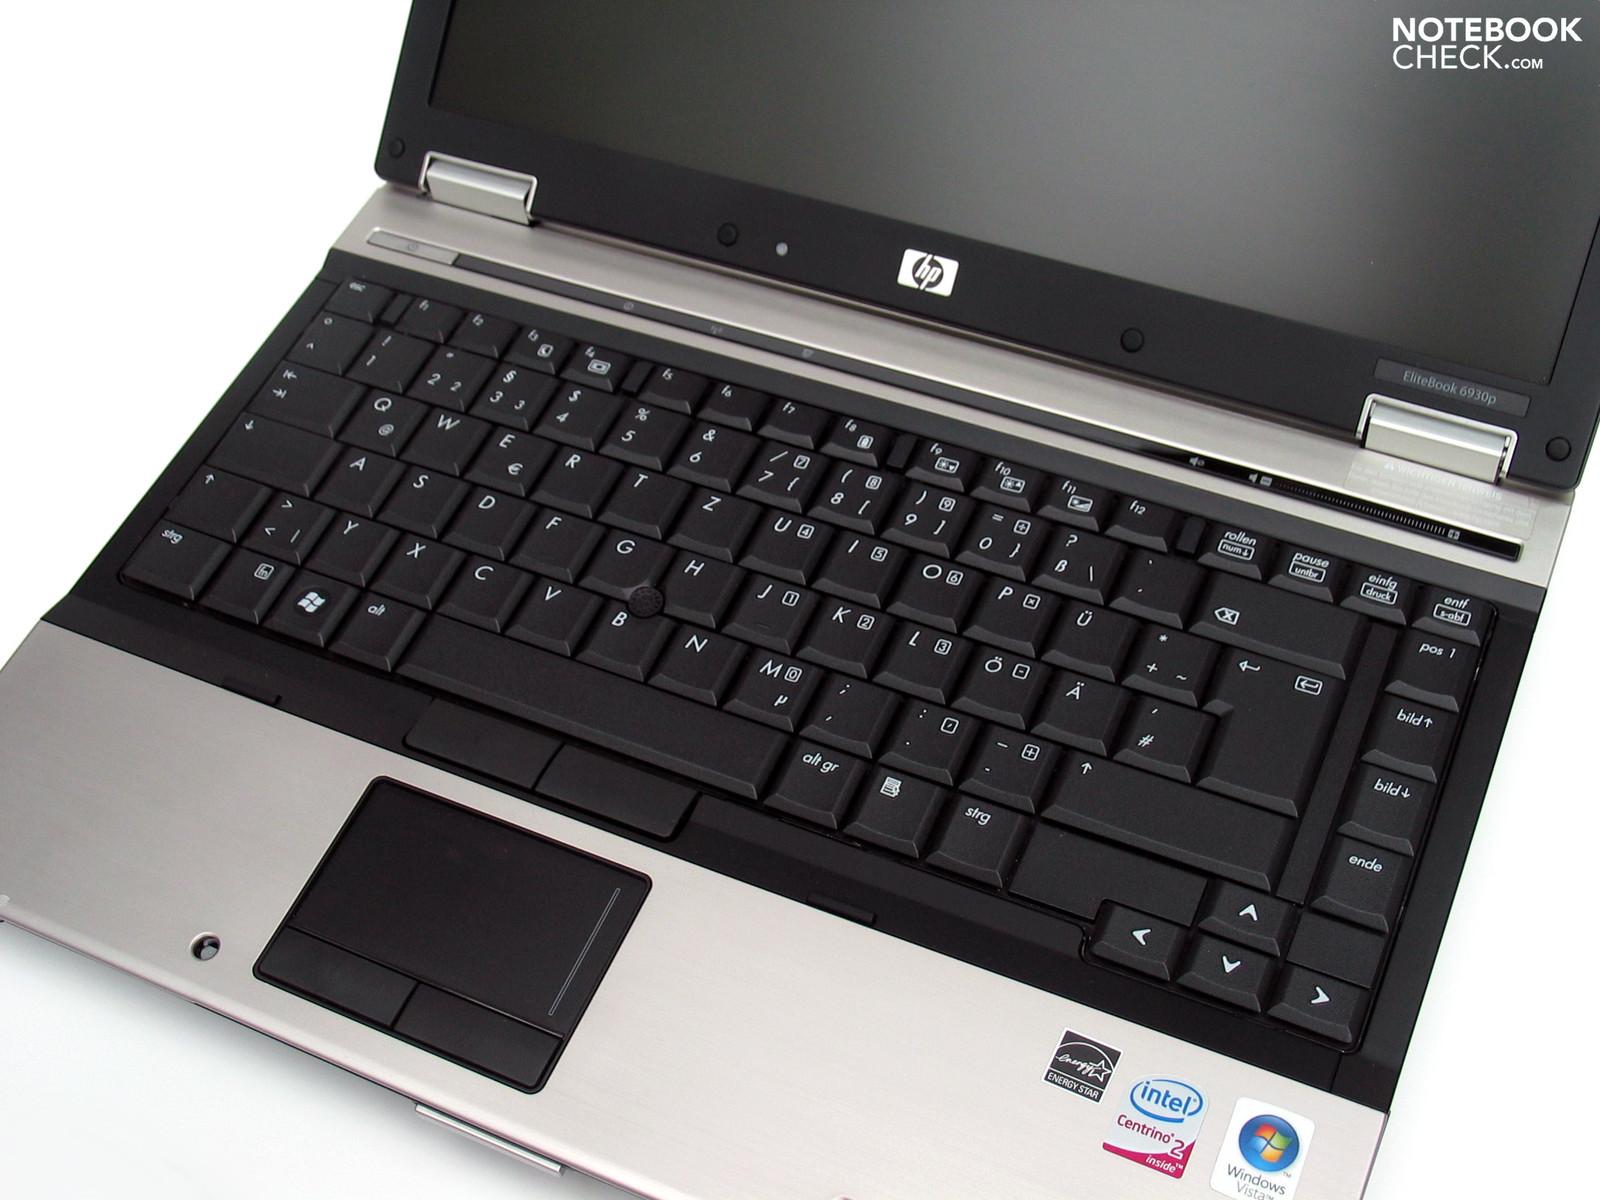 HP EliteBook 6930p keyboard